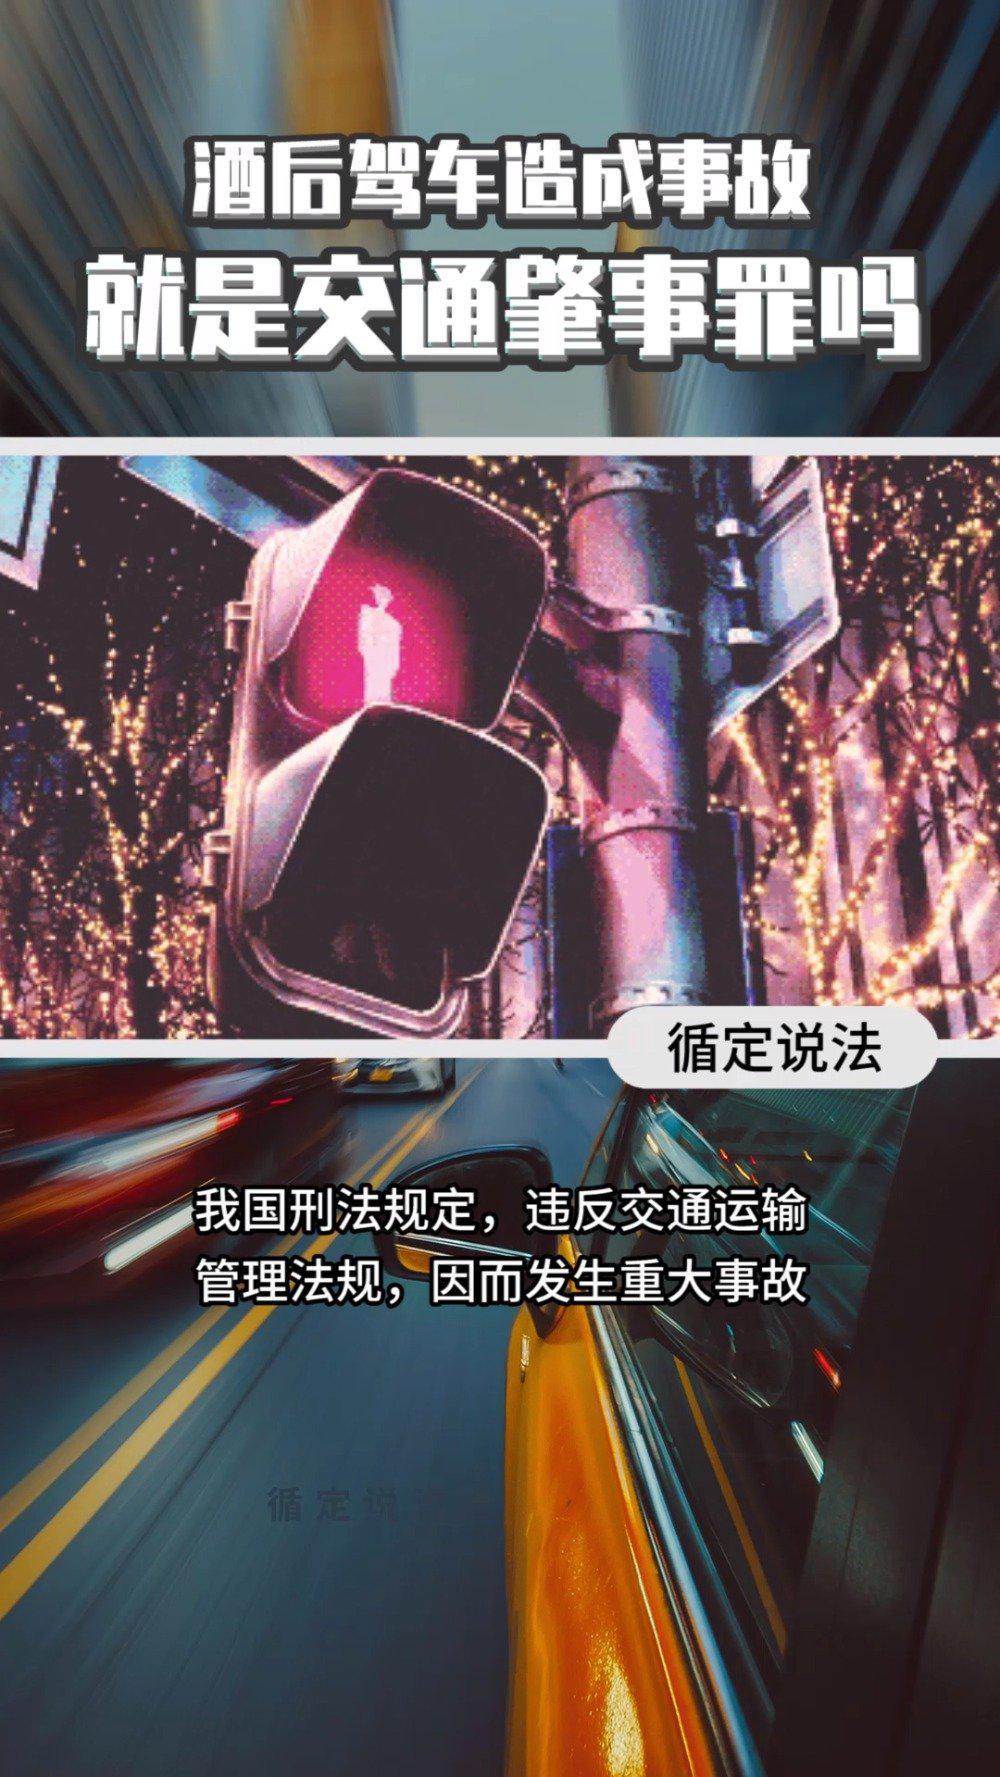 酒后驾车造成事故,就一定是交通肇事罪吗?